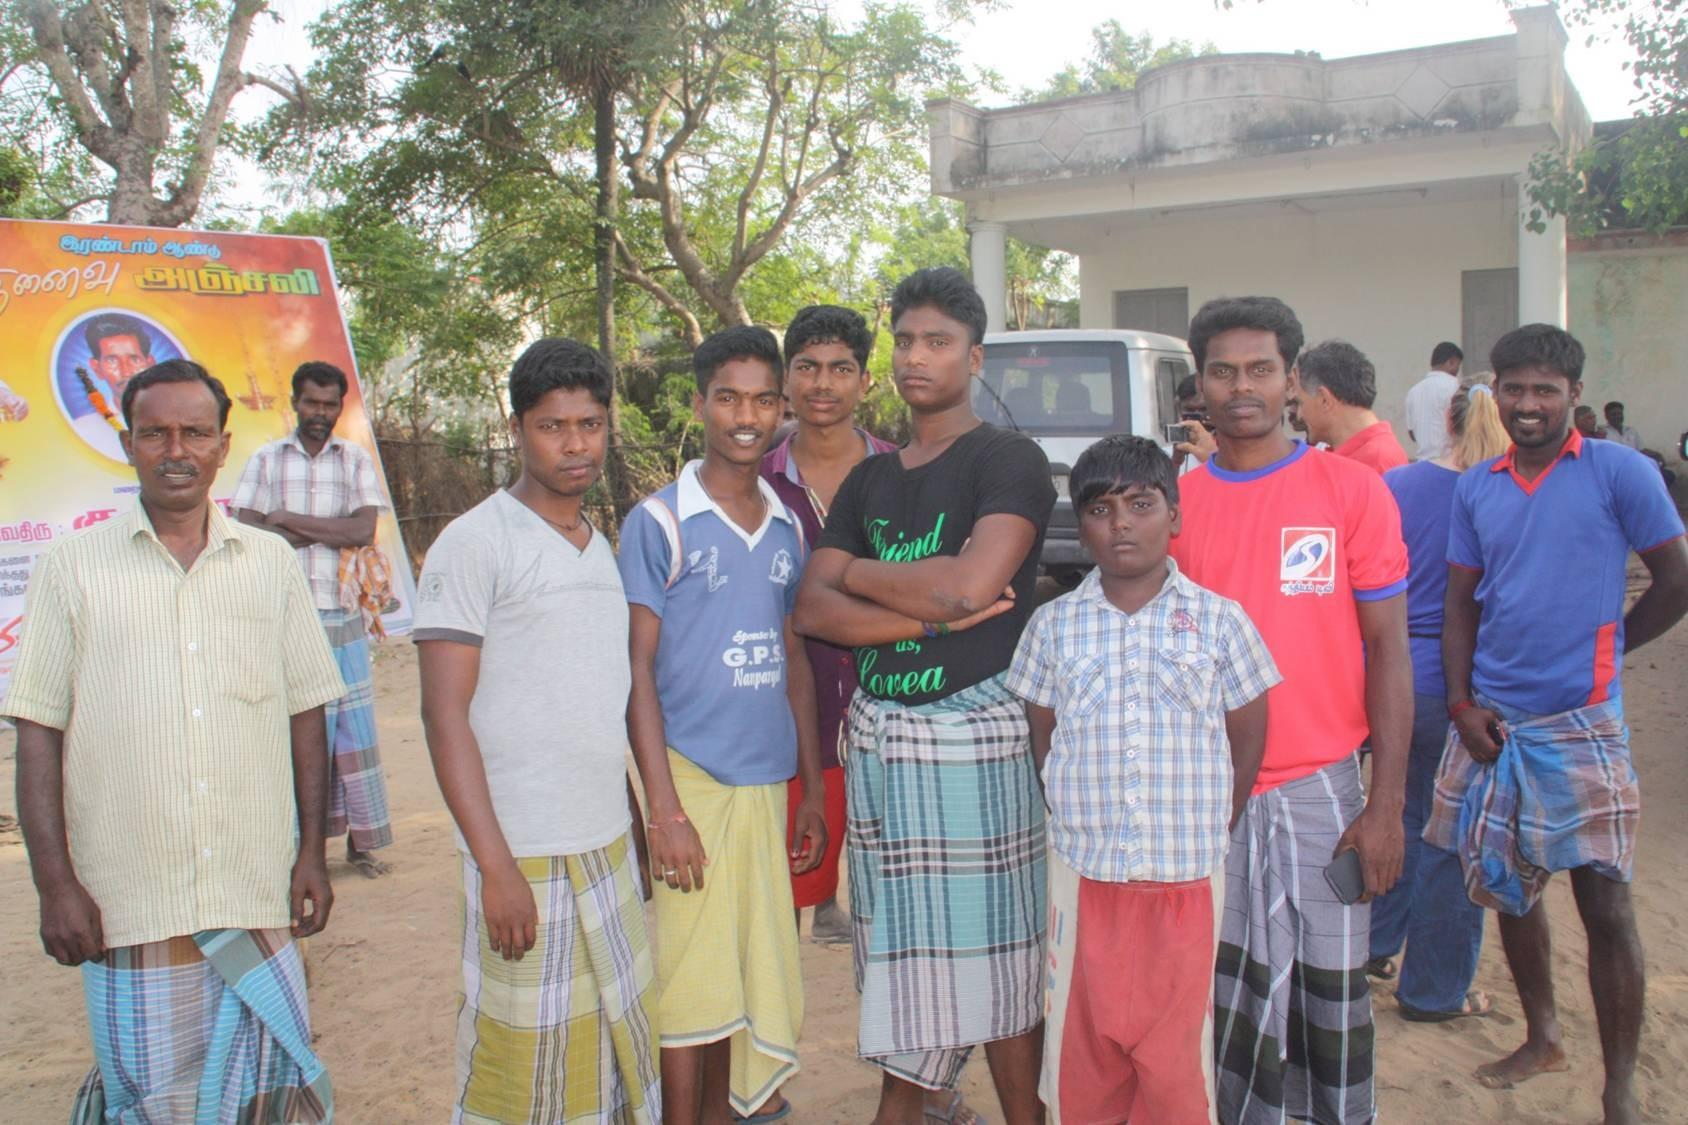 Les jeunes du village prêts à reconstruire leur village.